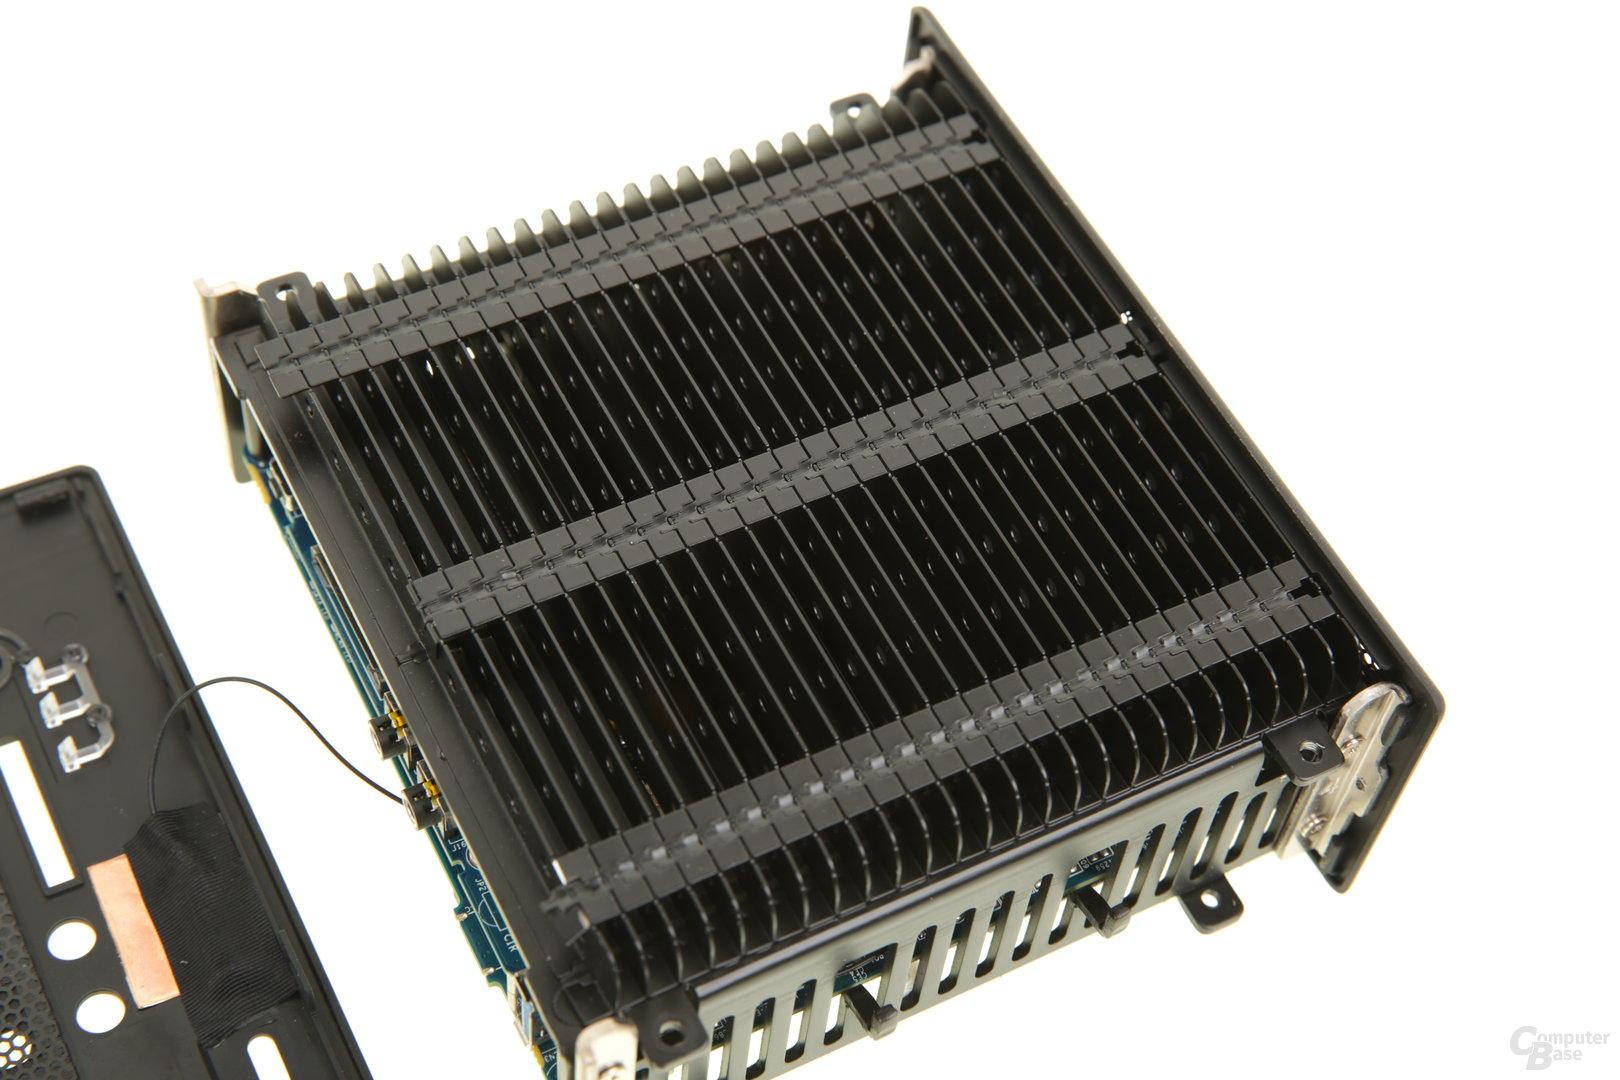 Zotac Zbox nano CI543 mit voluminöser Kühlfläche